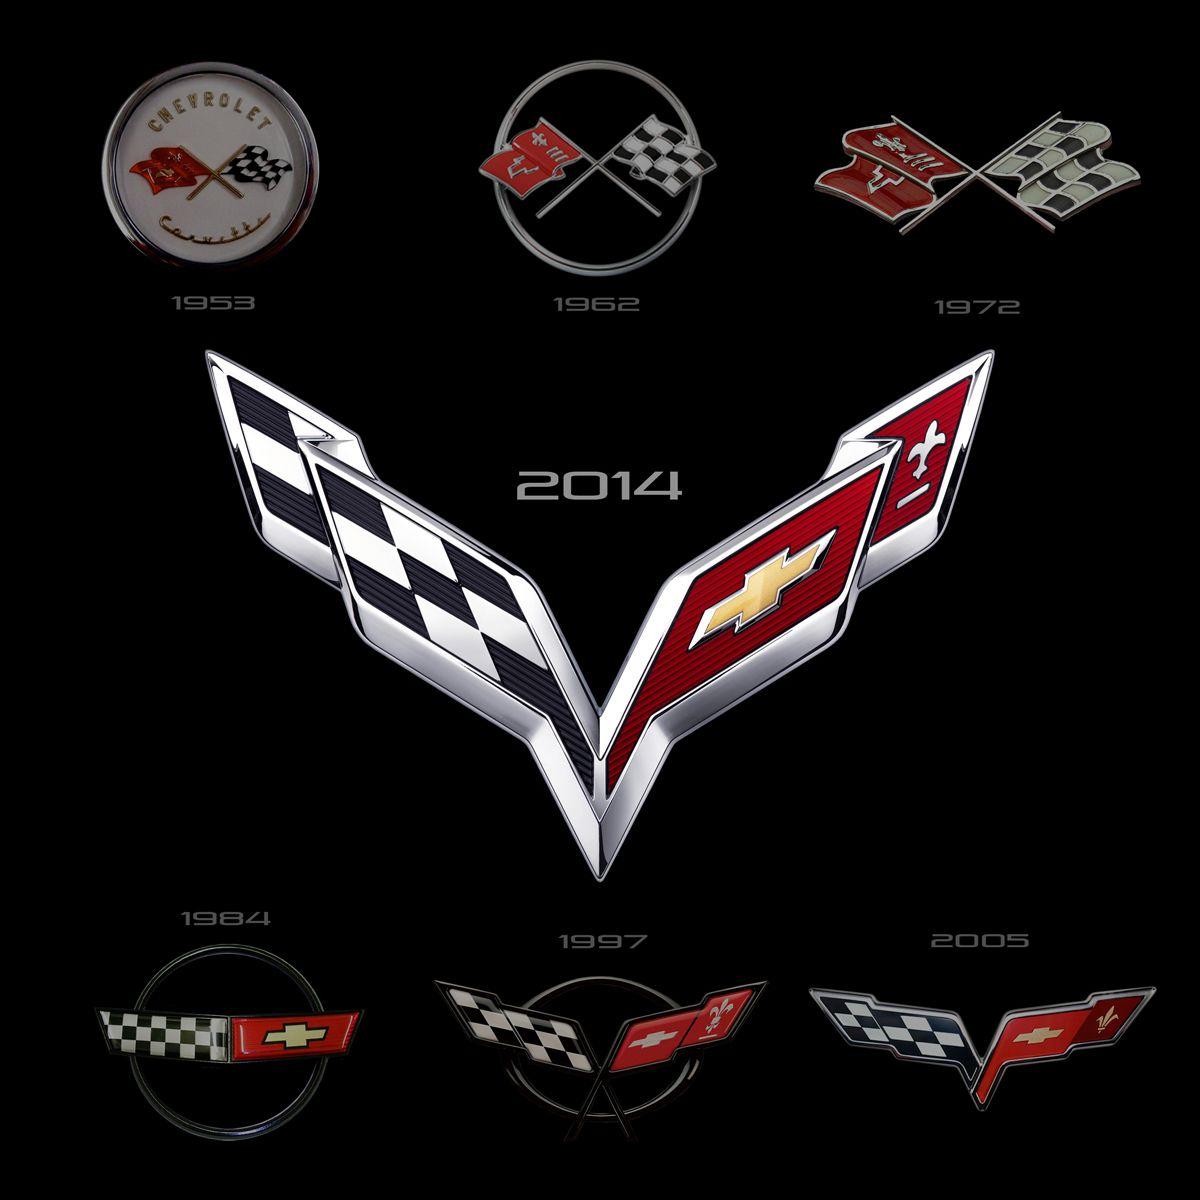 2014 Corvette Stingray Kerbeck Corvette Chevrolet